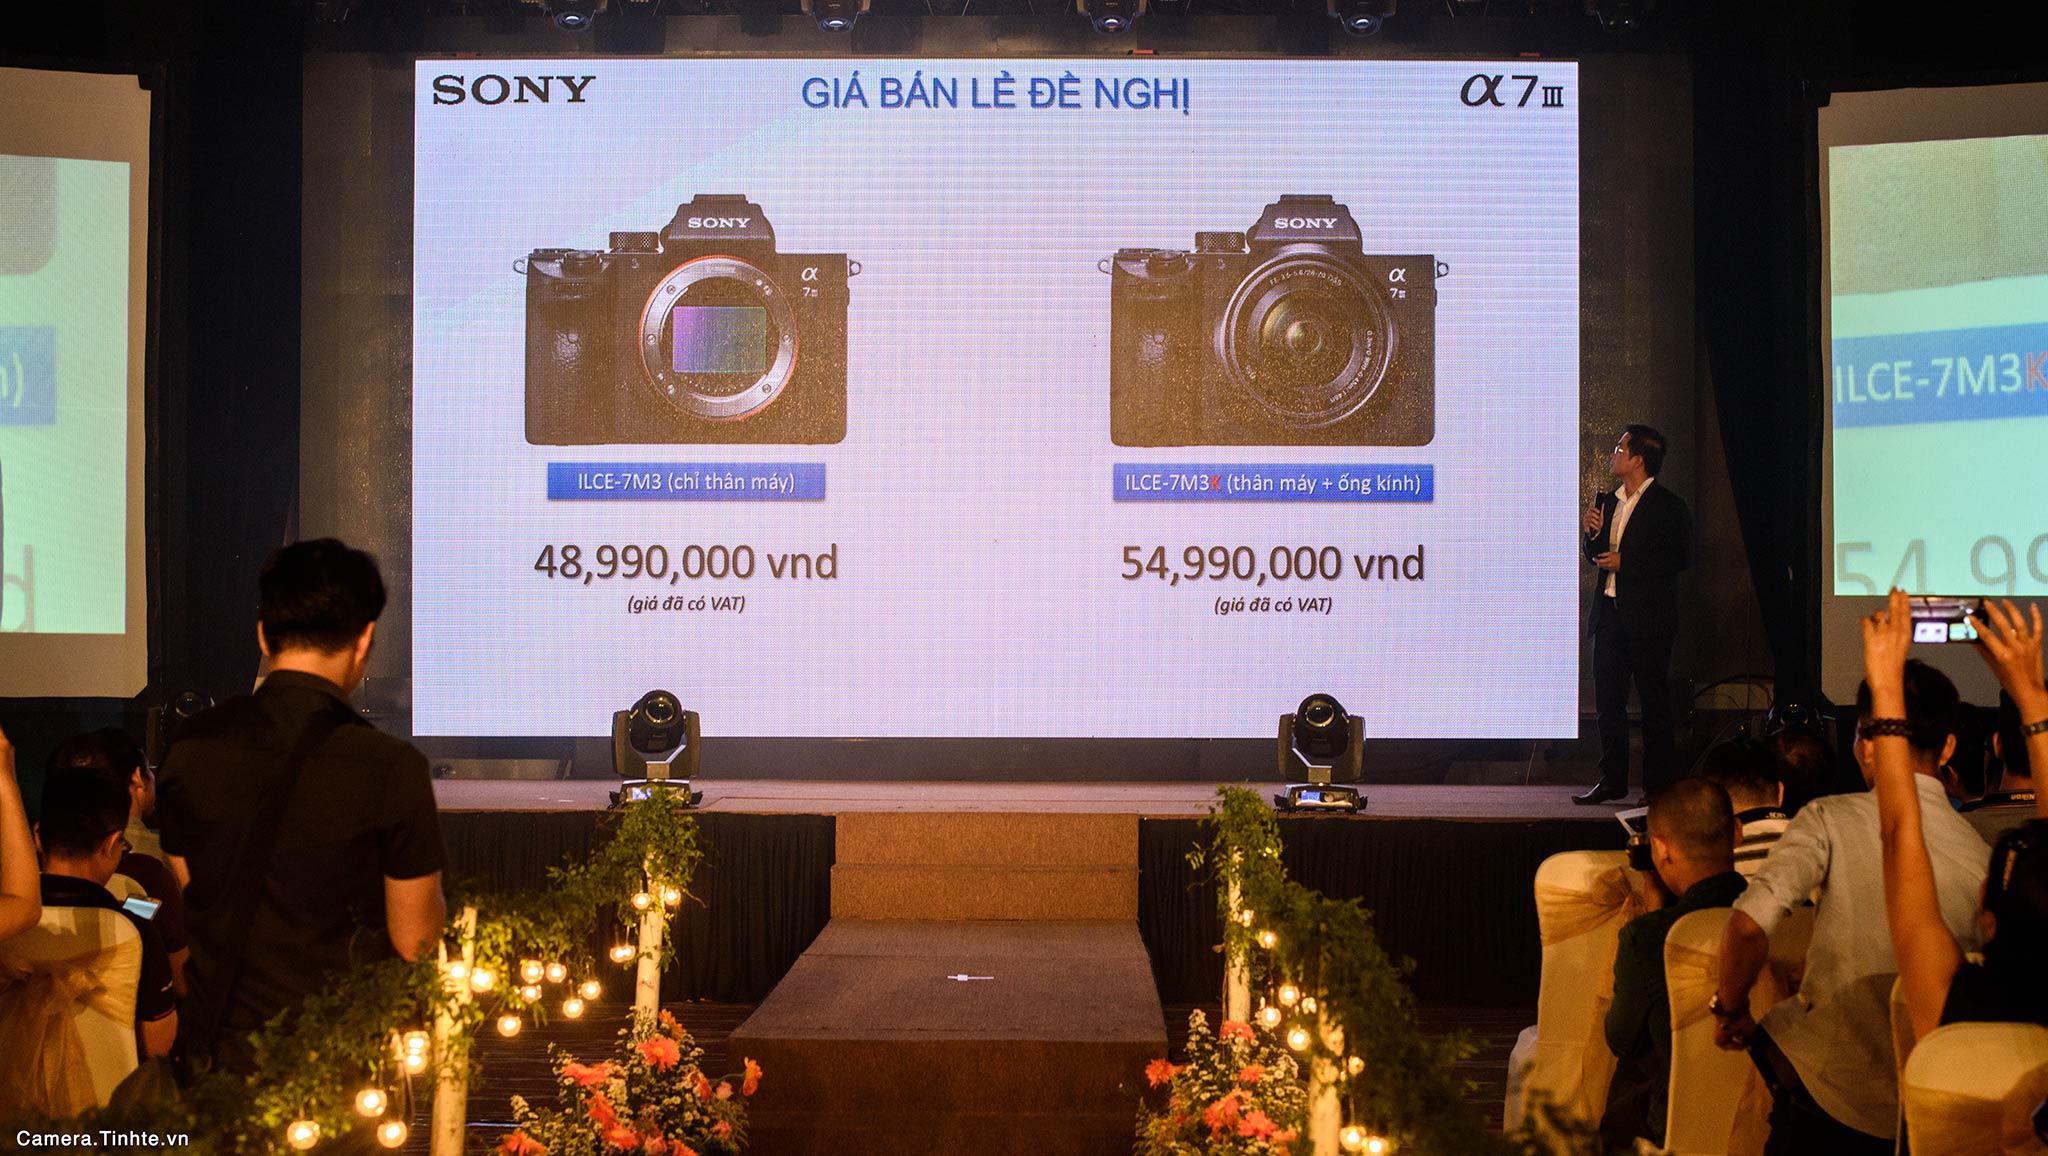 Camera.Tinhte.vn_Sony-ra-mat-A7-III_DSC_1652.jpg